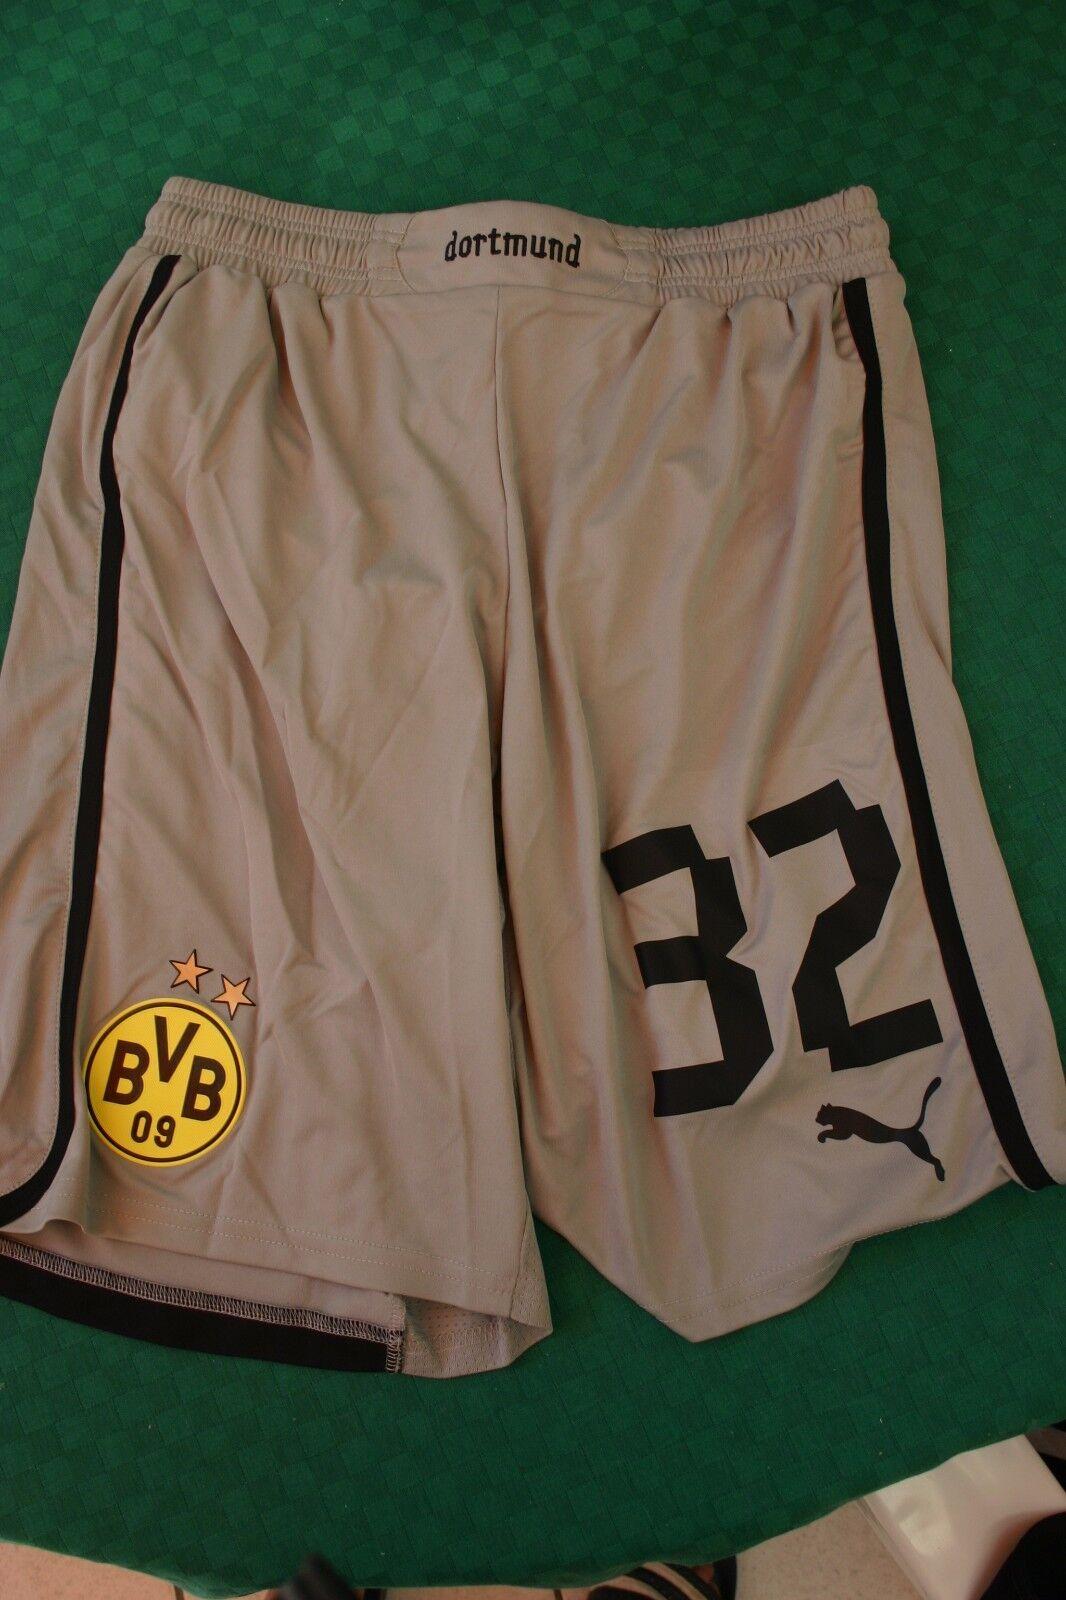 BvB Dortmund Spielerhose aus dem Mannschaftsfundus Bittencourt CL 12 12 12 13 Gr. M  | Hochwertige Produkte  567567